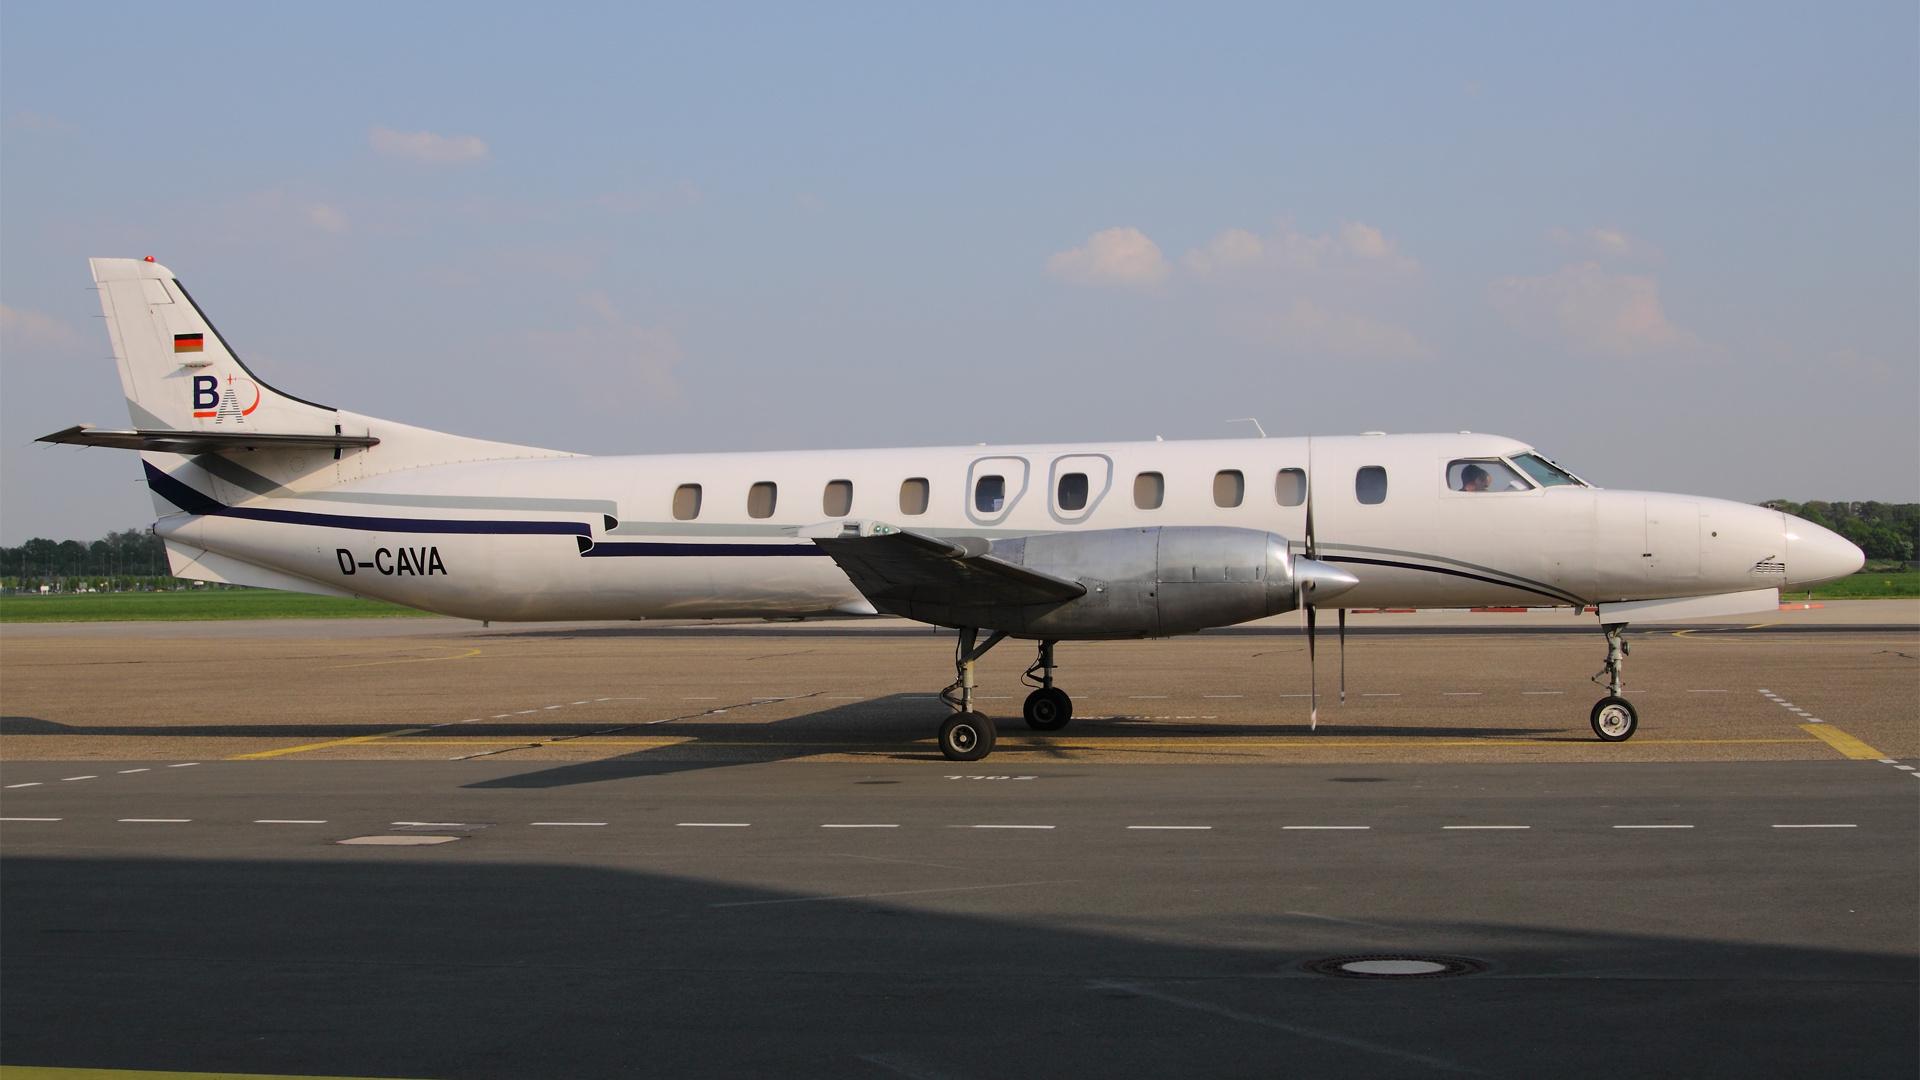 D-CAVA-3 SWM ESS 201104